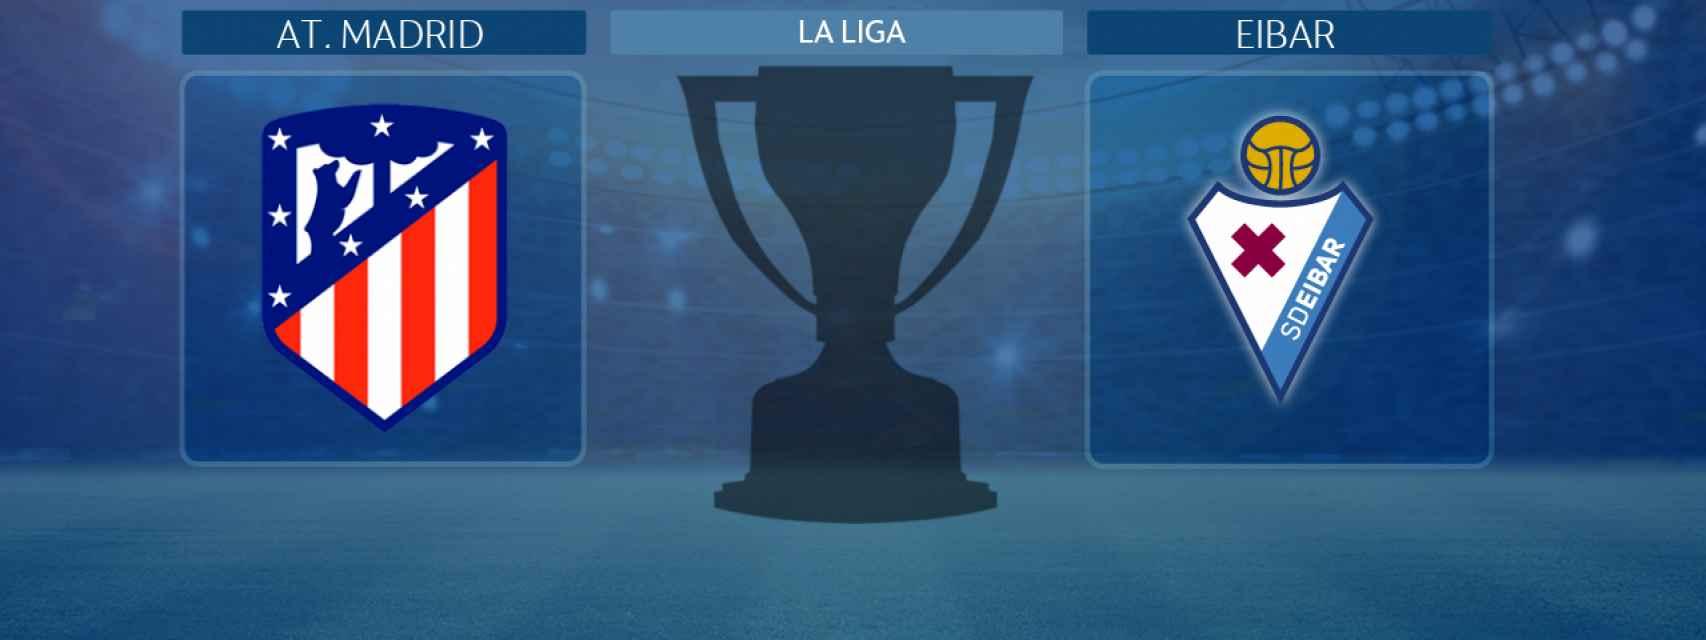 Atlético de Madrid - Eibar, partido de La Liga